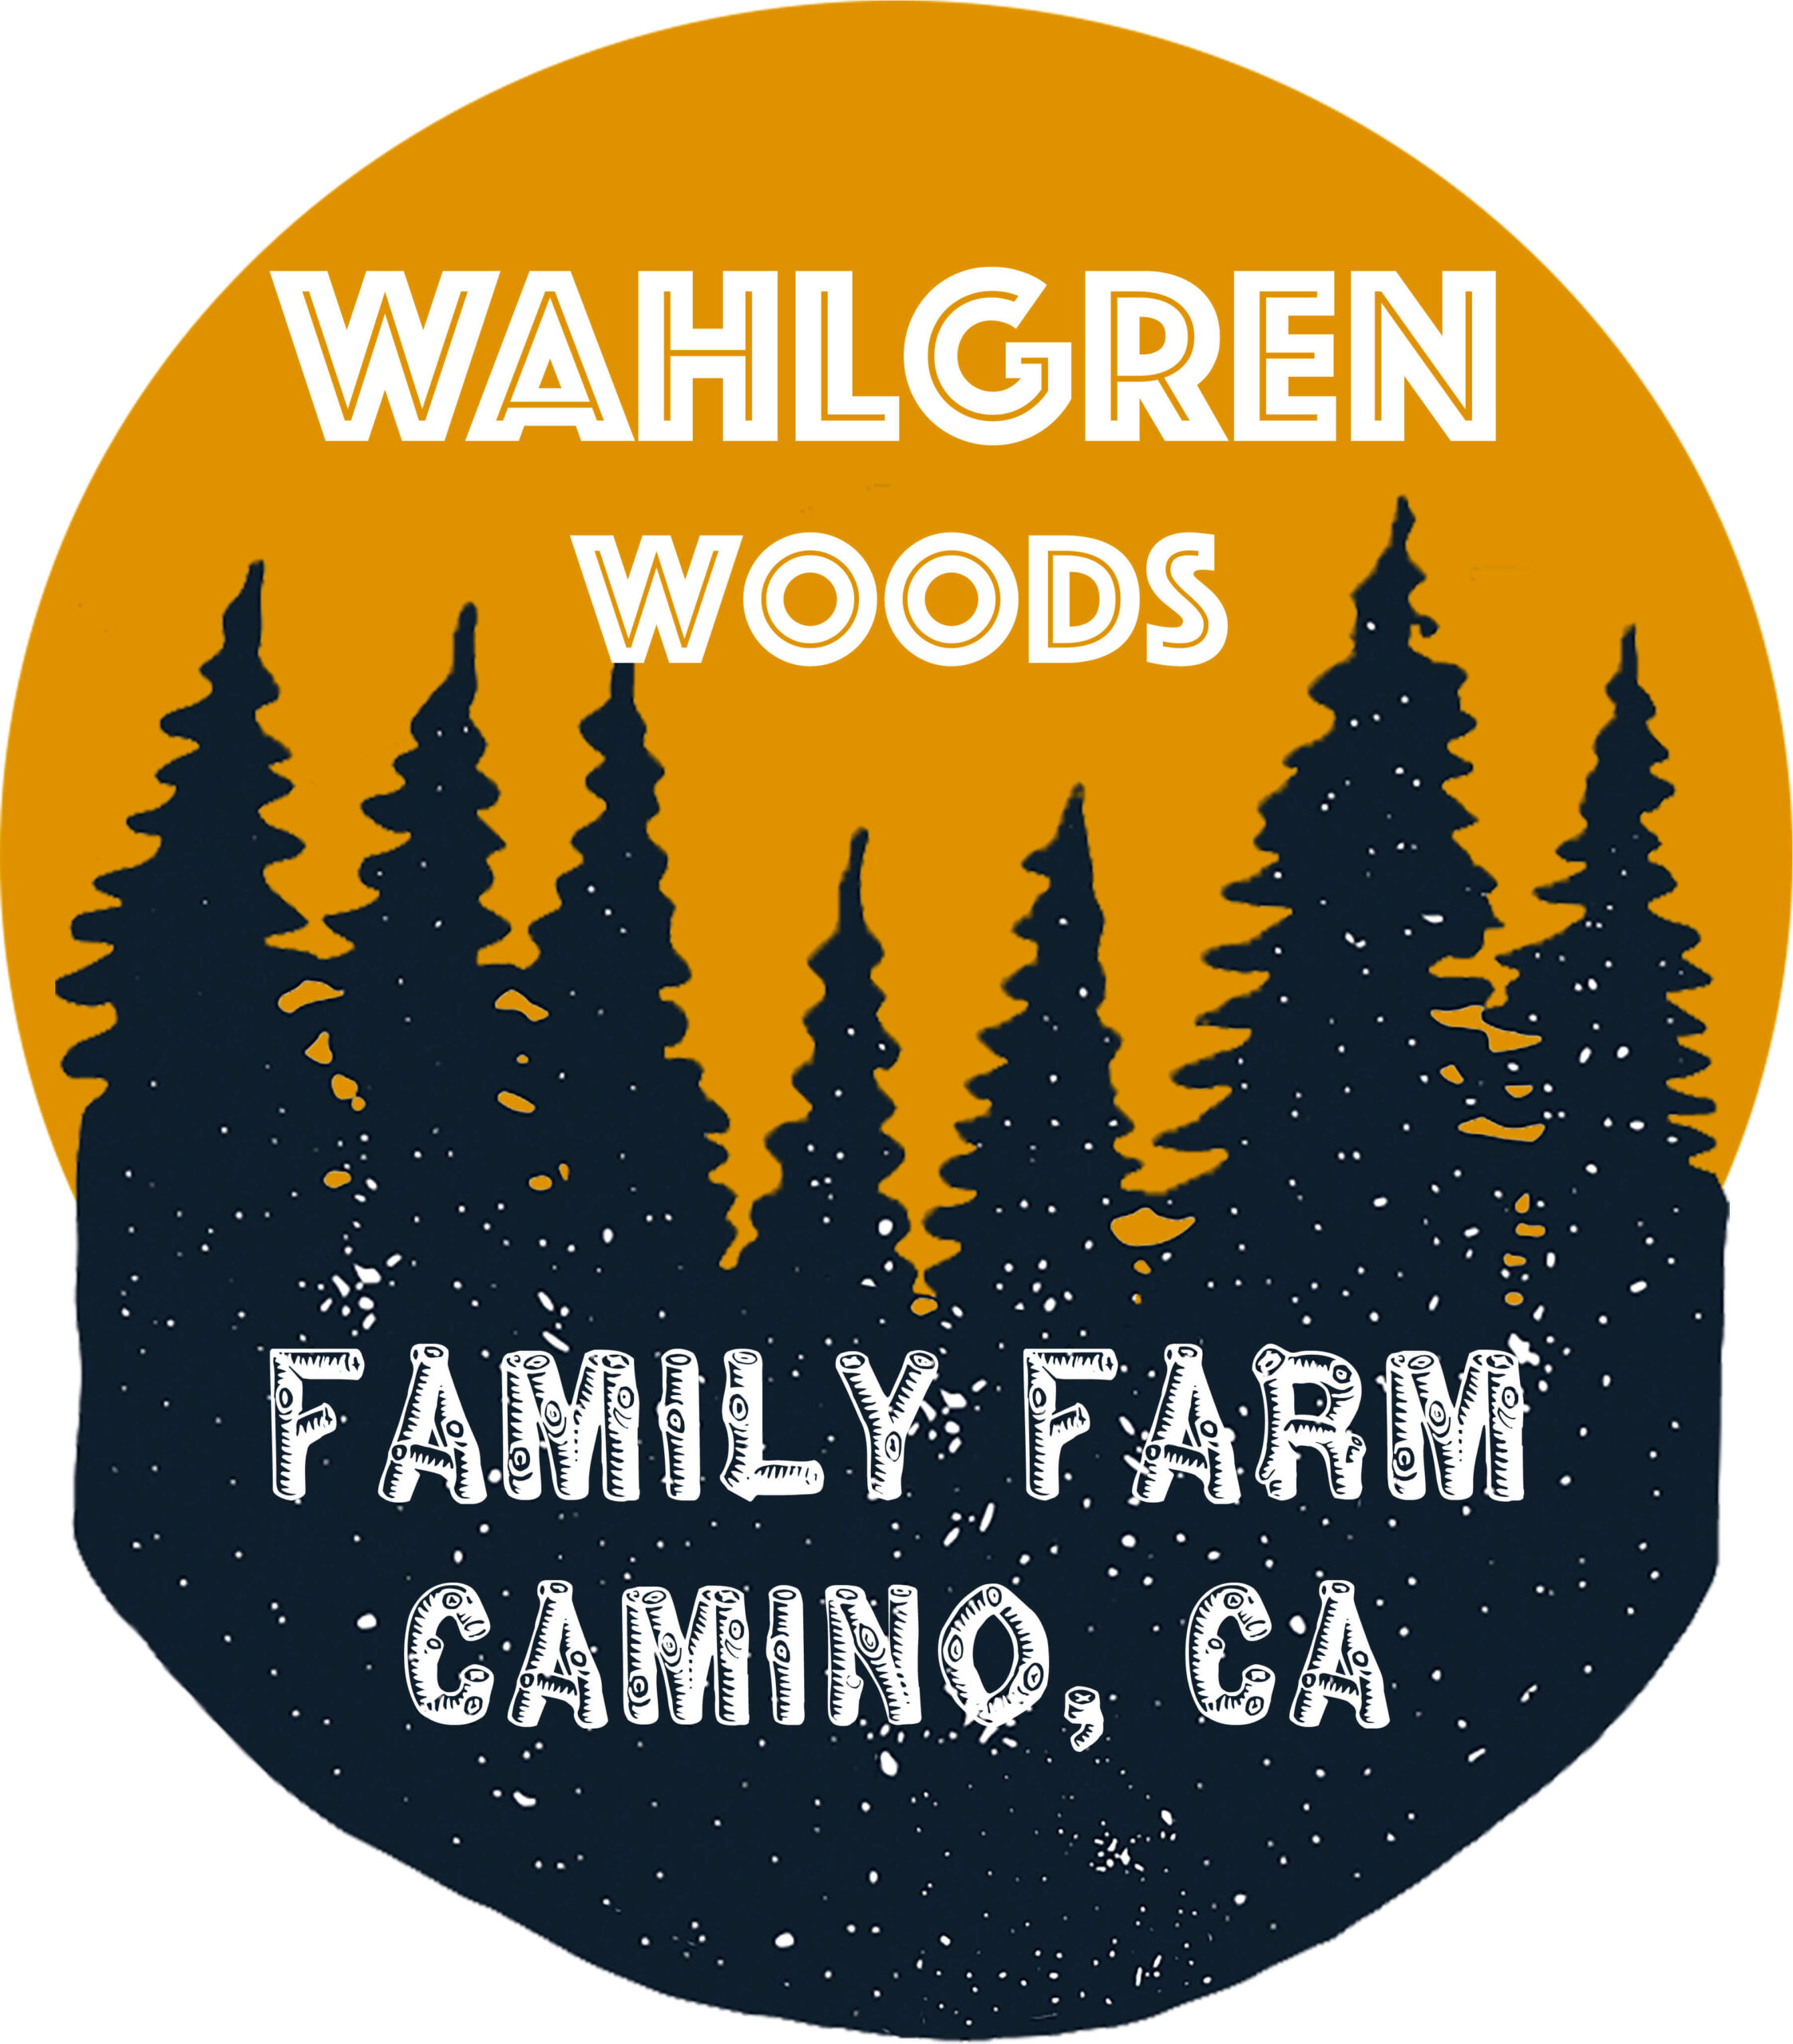 Wahlgren Woods